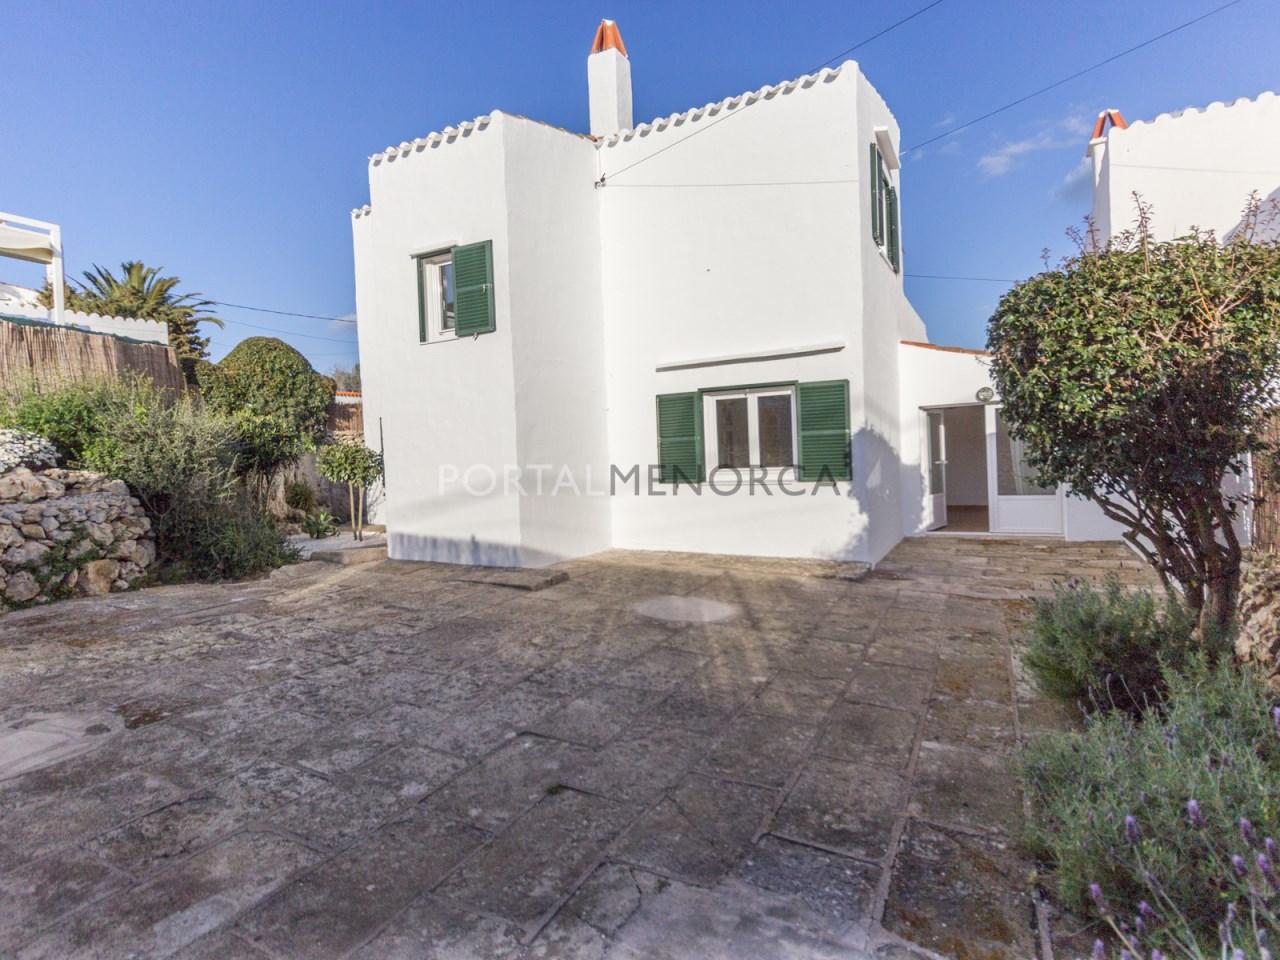 casa con patio en son vilar Menorca (20 de 22)